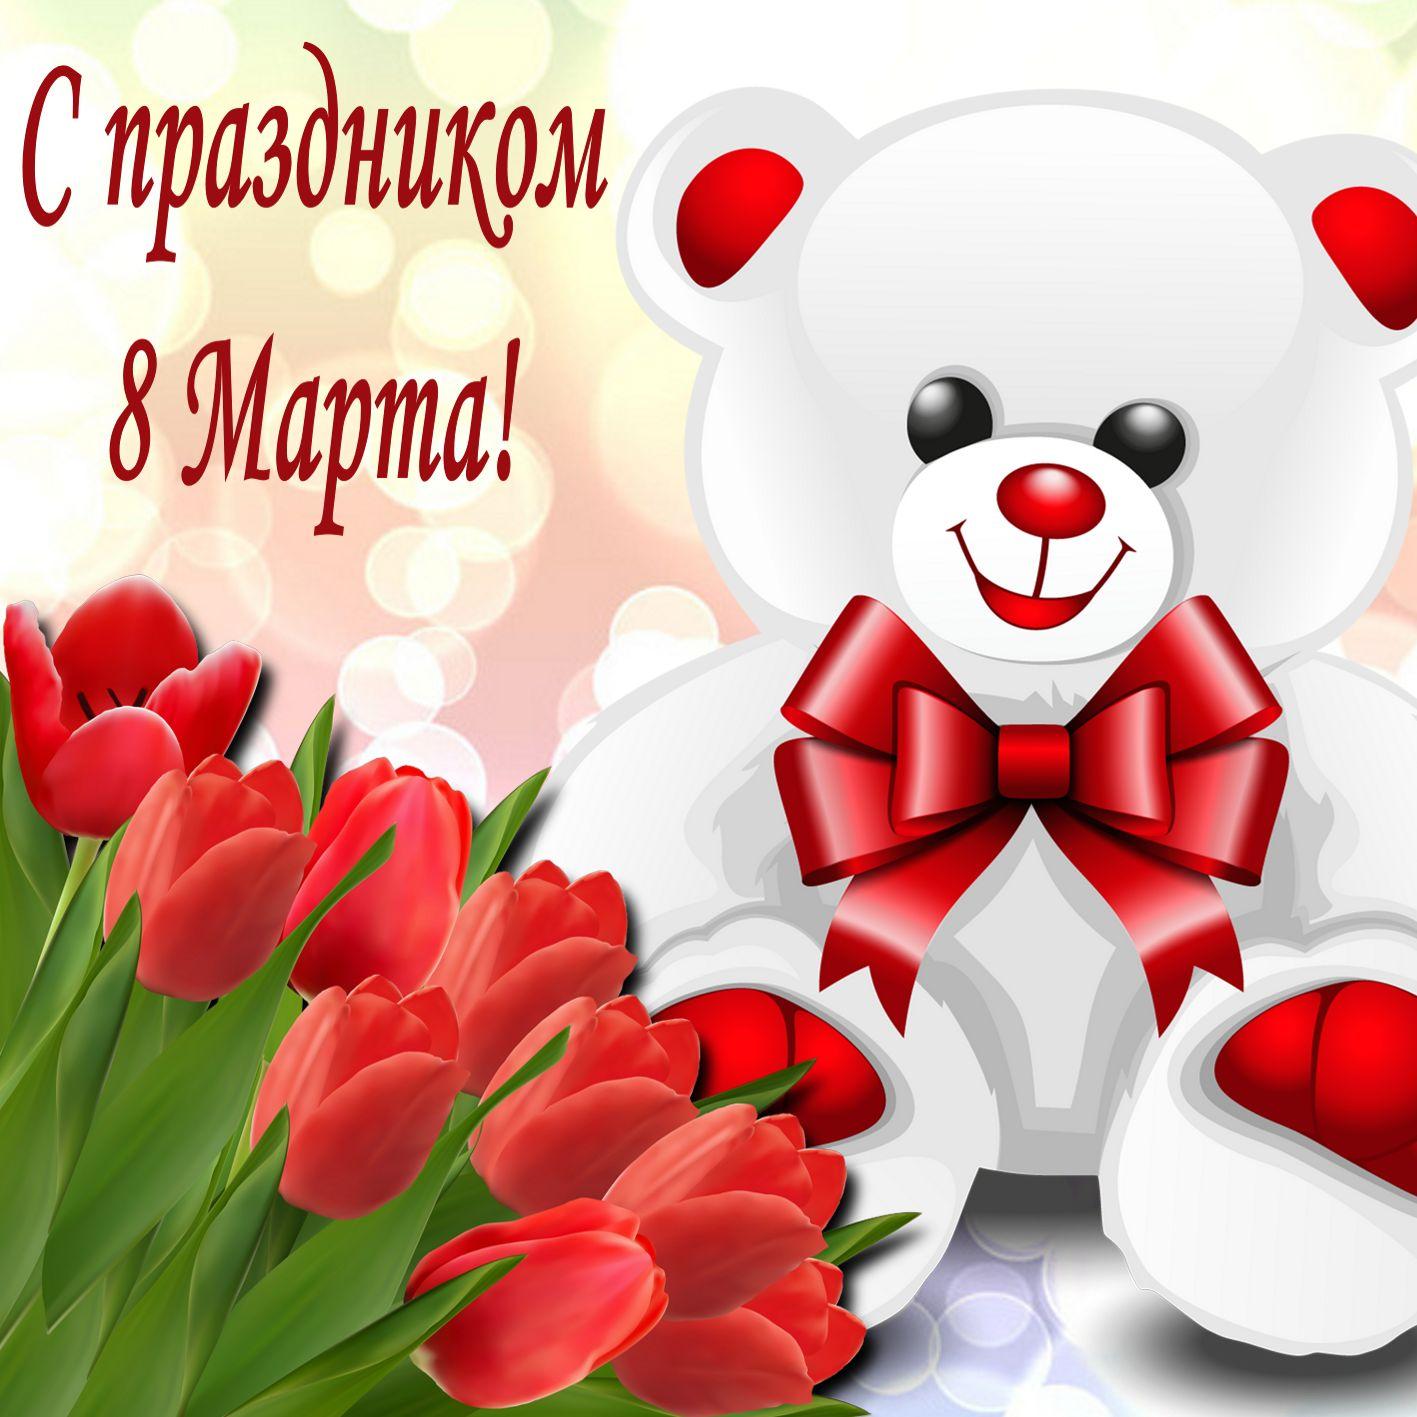 Открытка с 8 марта - плюшевый мишка с красным бантом и цветы